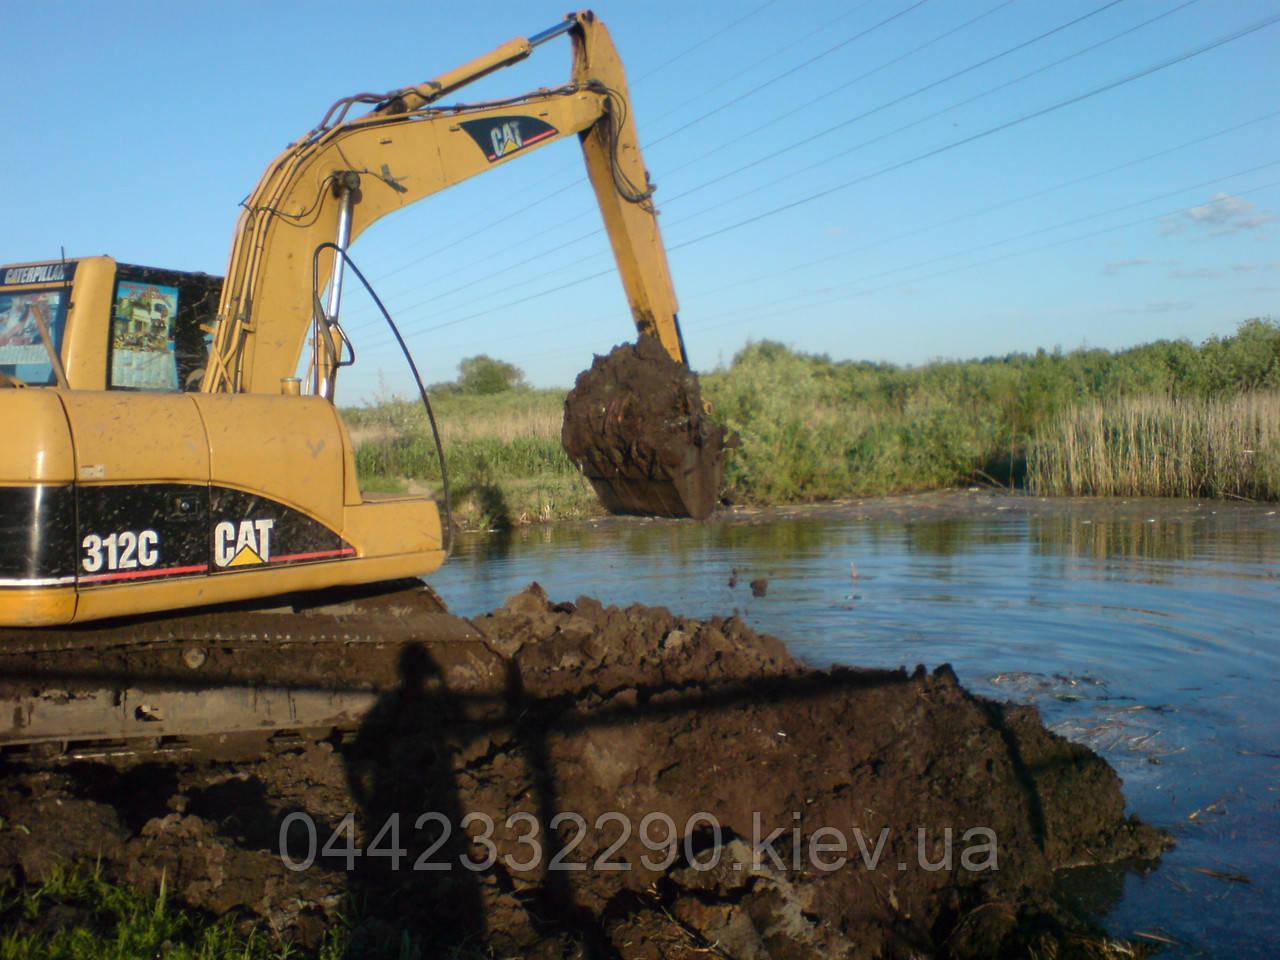 Строительство водоемов - Копка, углубление озер, прудов